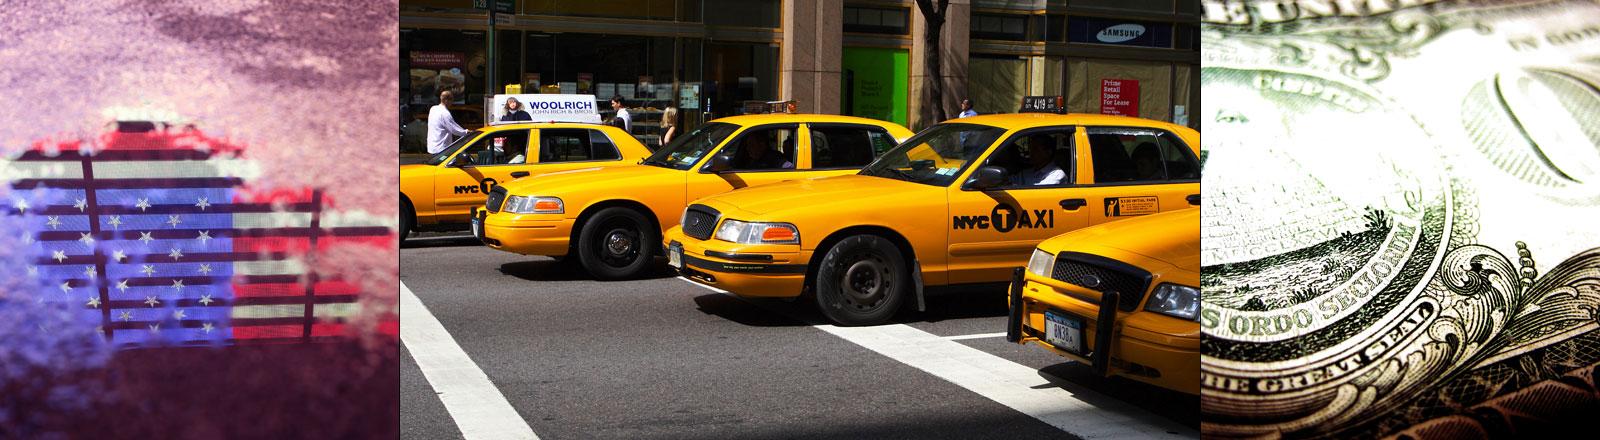 Vier yellow cabs auf einer Straße in New York City.